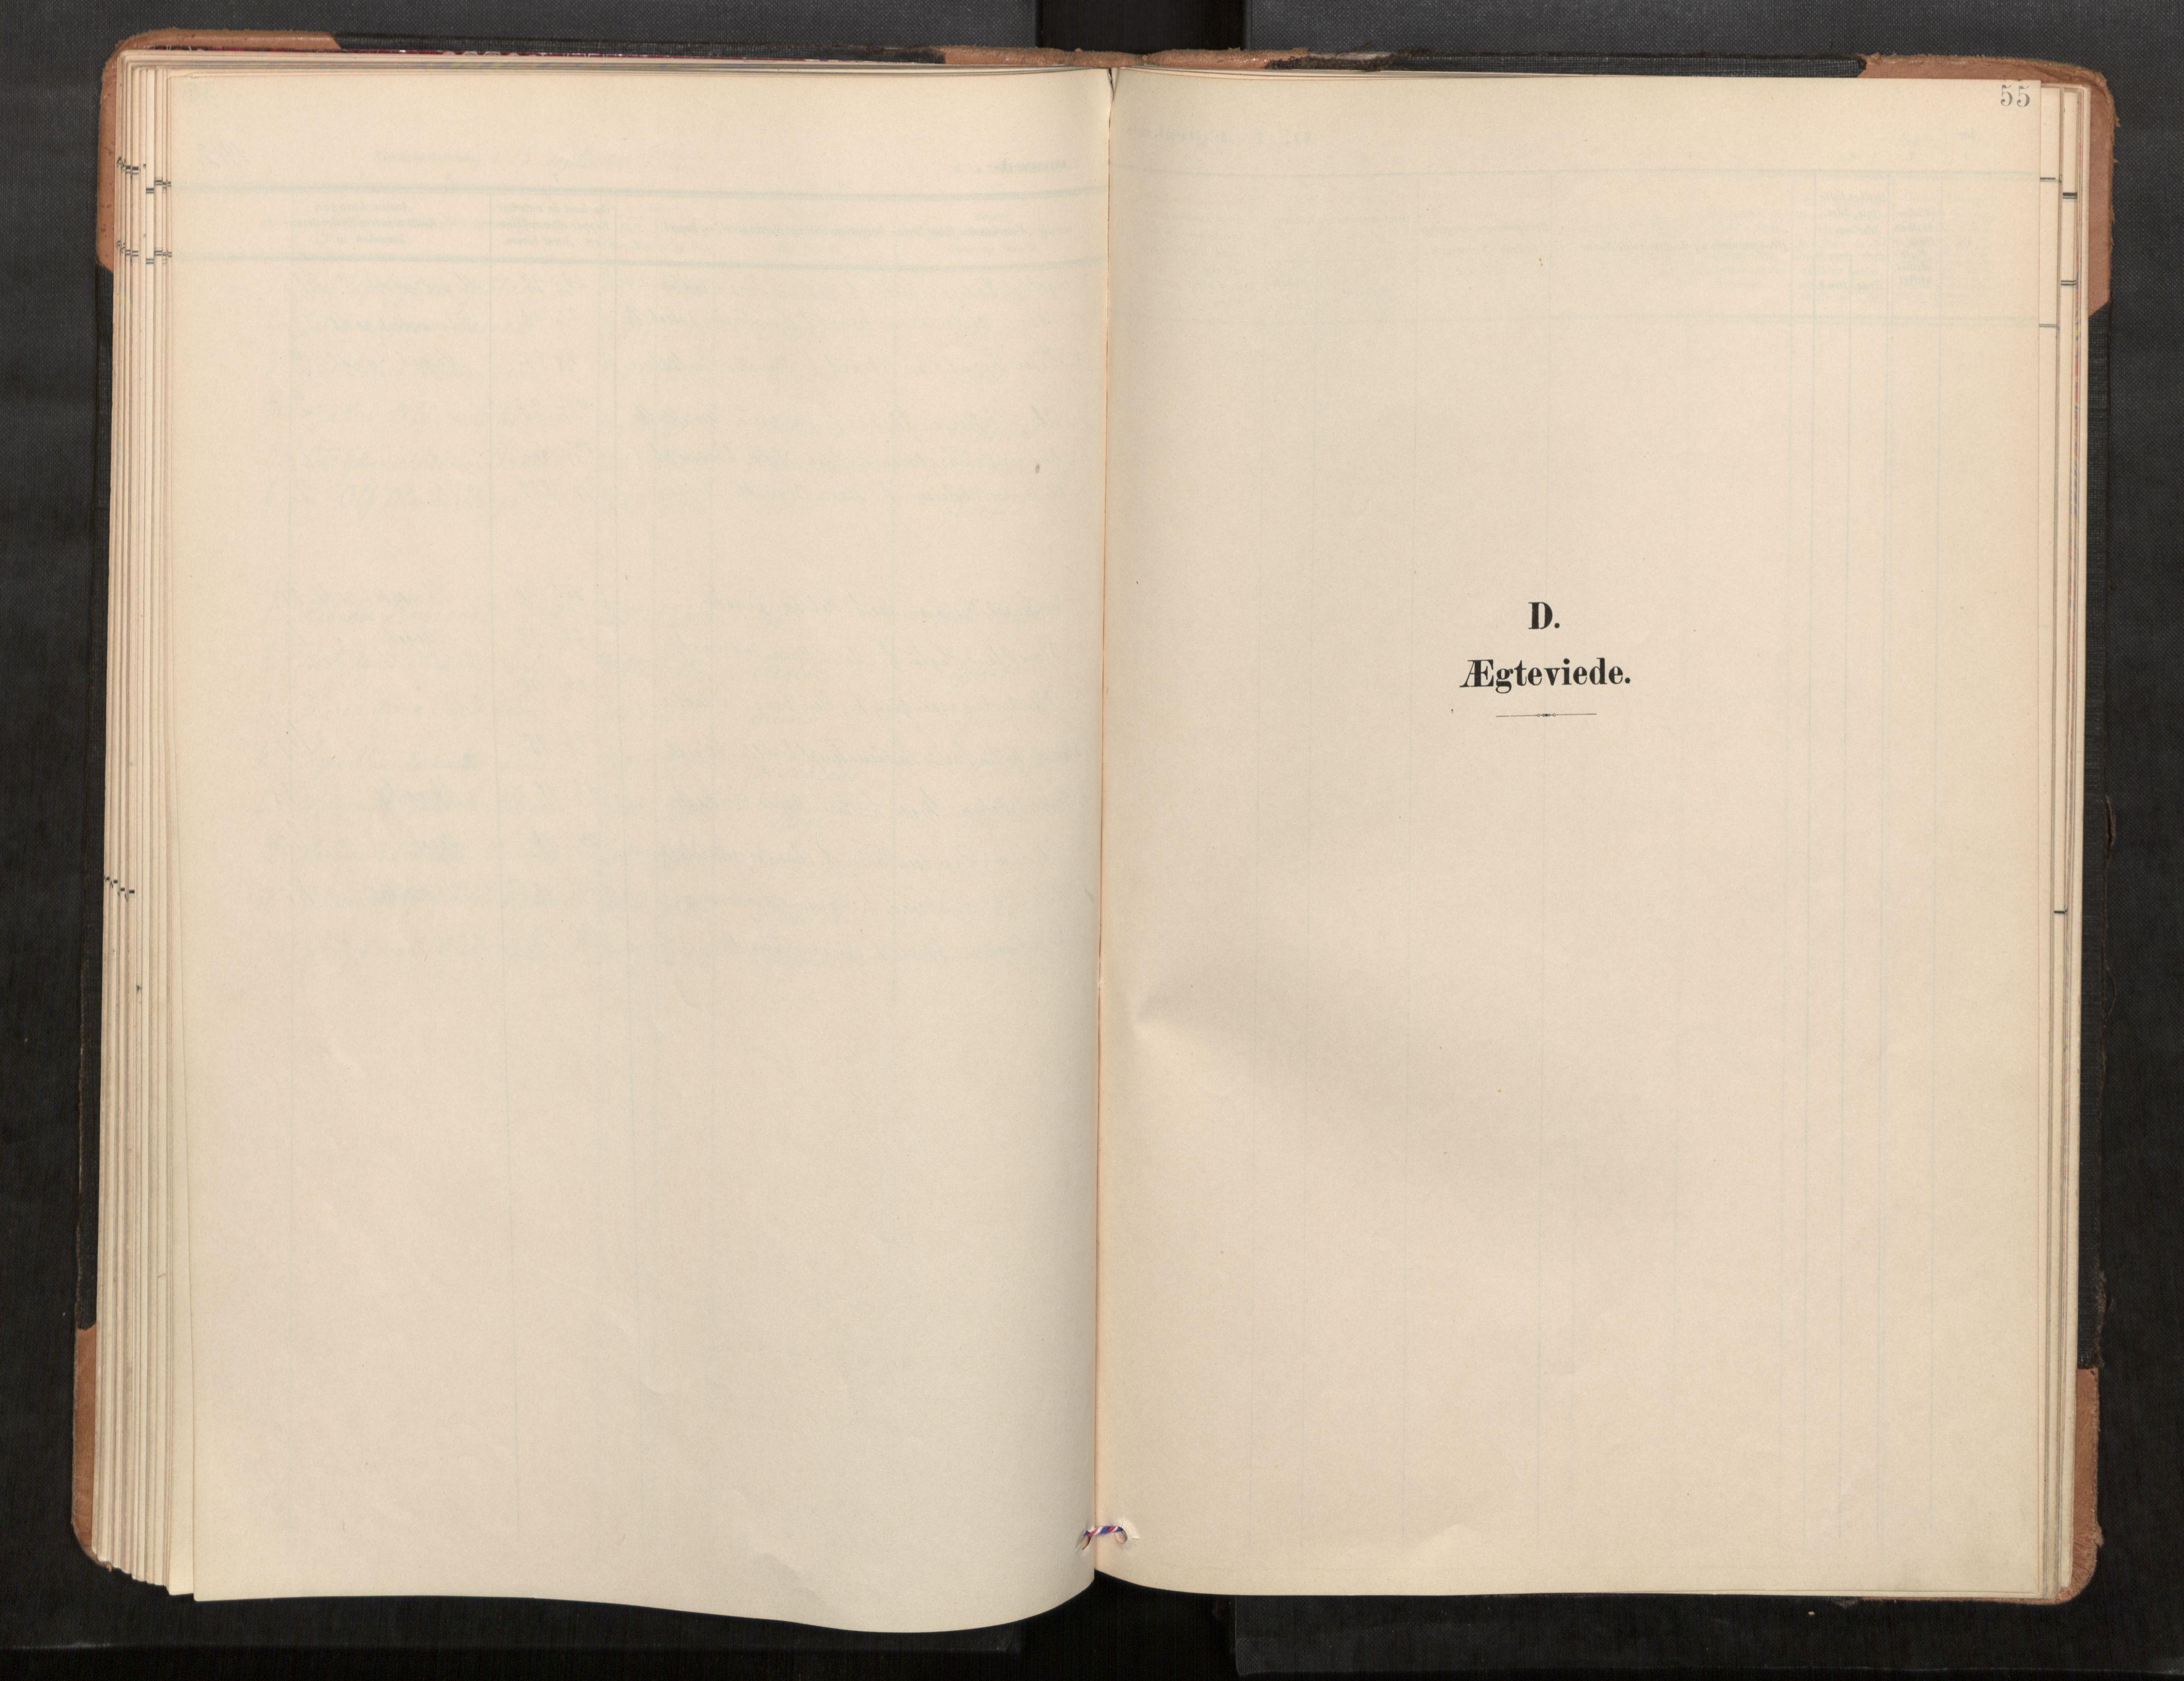 SAT, Stod sokneprestkontor, I/I1/I1a/L0001: Ministerialbok nr. 1, 1900-1912, s. 55